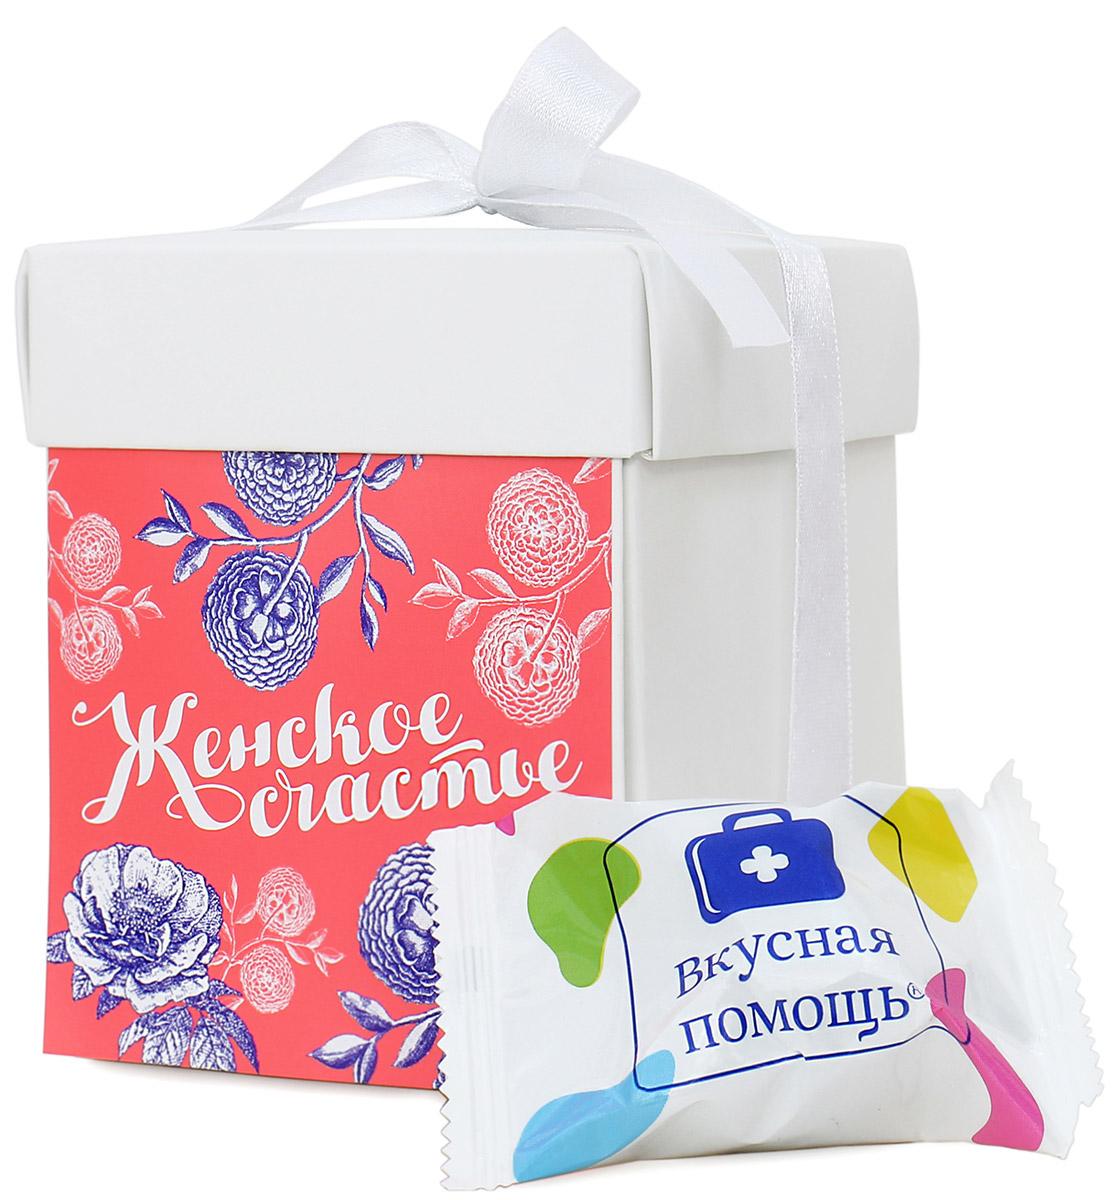 Вкусная помощь Женское счастье конфеты, 125 г00-00000263Сладкий подарок для девушек всегда был приятным. Даже если они не едят конфеты, то в тайне о них мечтают.Новый яркий дизайн упаковки порадует представительниц прекрасного пола - нежный и по-девичьи трогательный. Внутри - шоколадные конфеты Мадлен со вкусом сливок и орехом. Глазированные кондитерской глазурью и обсыпанные жареным дробленым арахисом конфеты со сливочно-ореховой начинкой придутся по душе всем любительницам сладостей. Дарите своим девушкам сладкие подарки и укрепляйте отношения. Еще такая коробочка отлично подойдет в качестве подарка вашим сотрудницам в офисе.